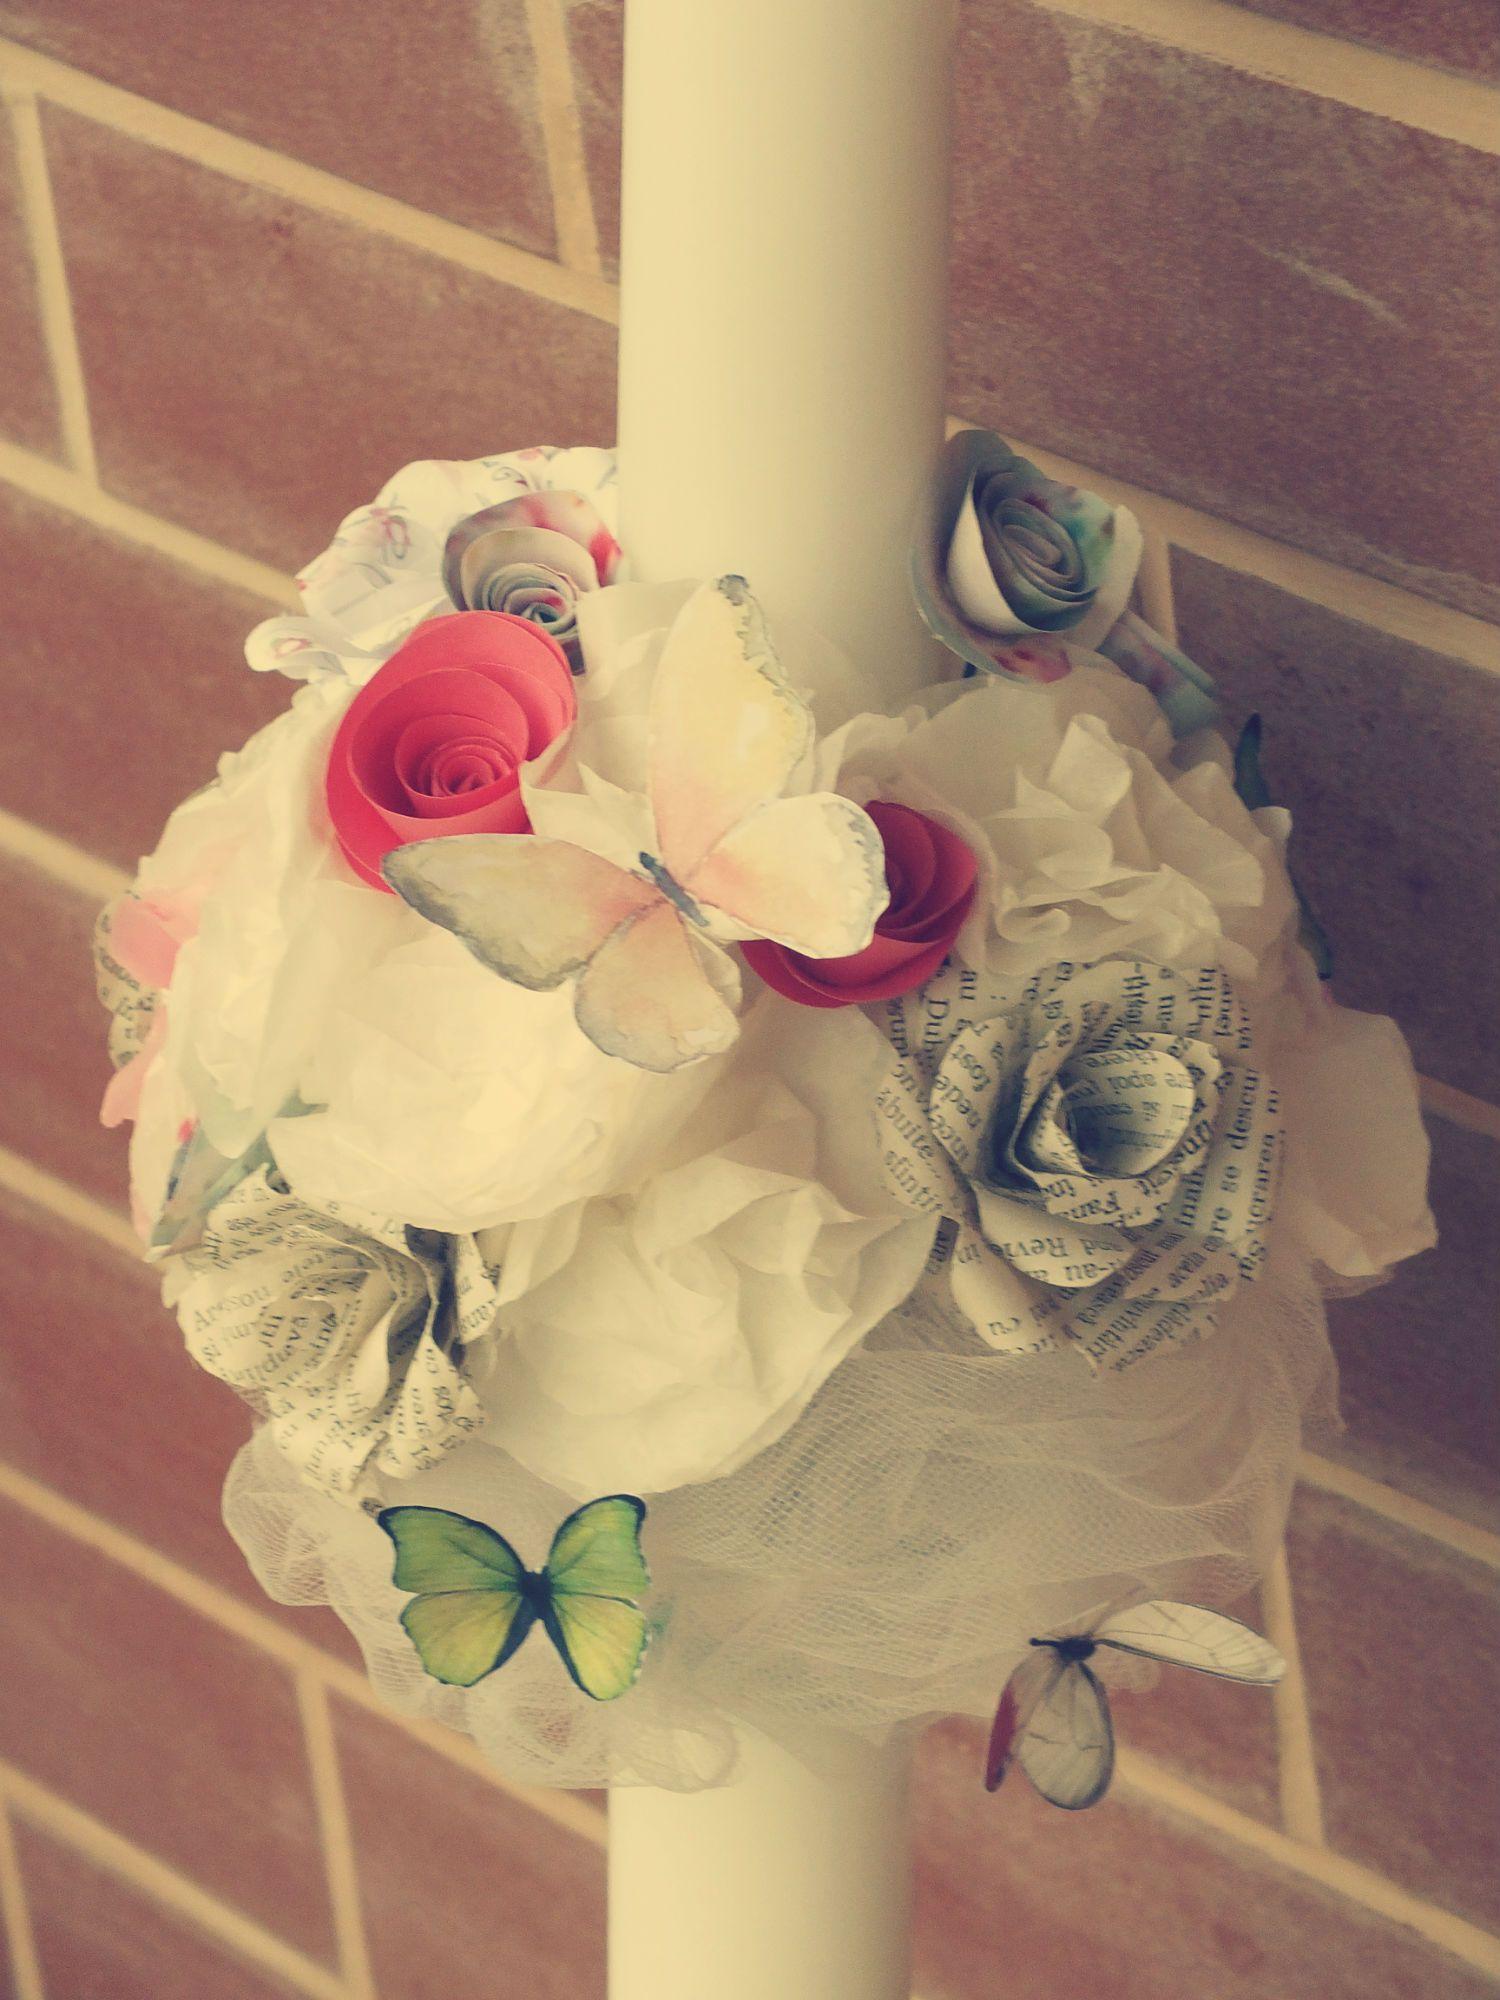 Lumanare botez cu flori din hartie /Batpism candle with paper flowers